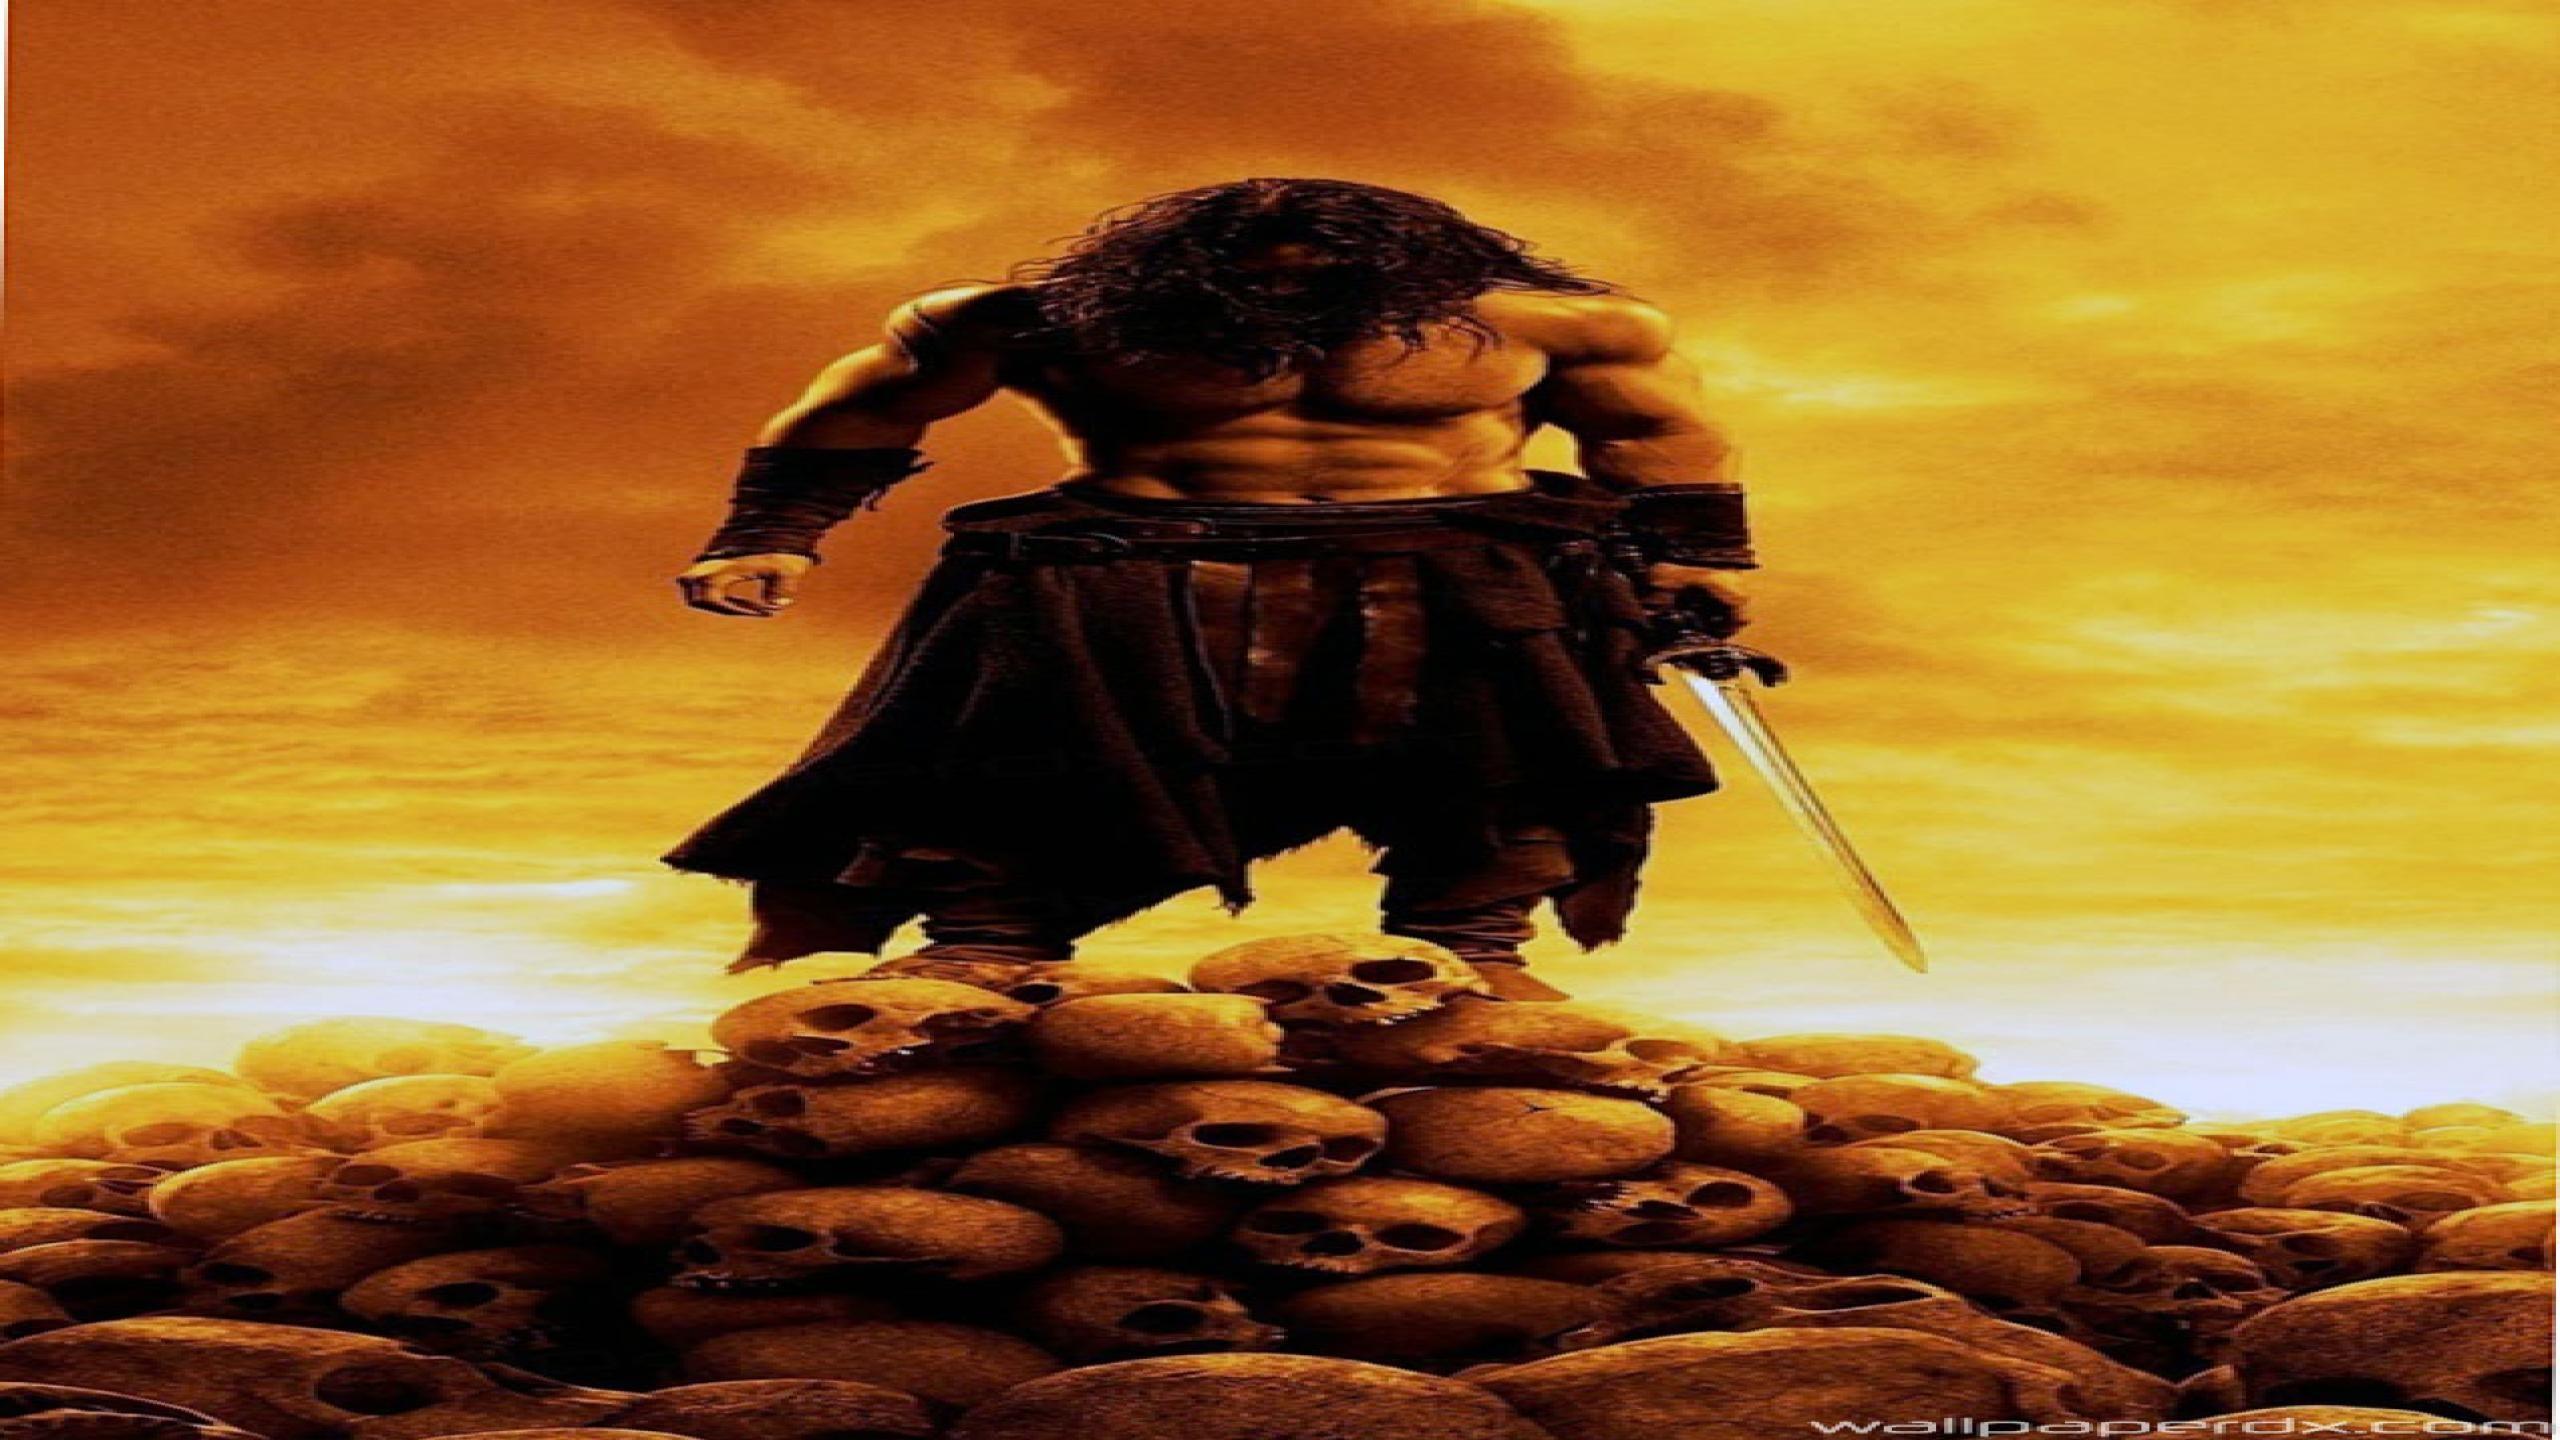 Conan the Barbarian Wa...